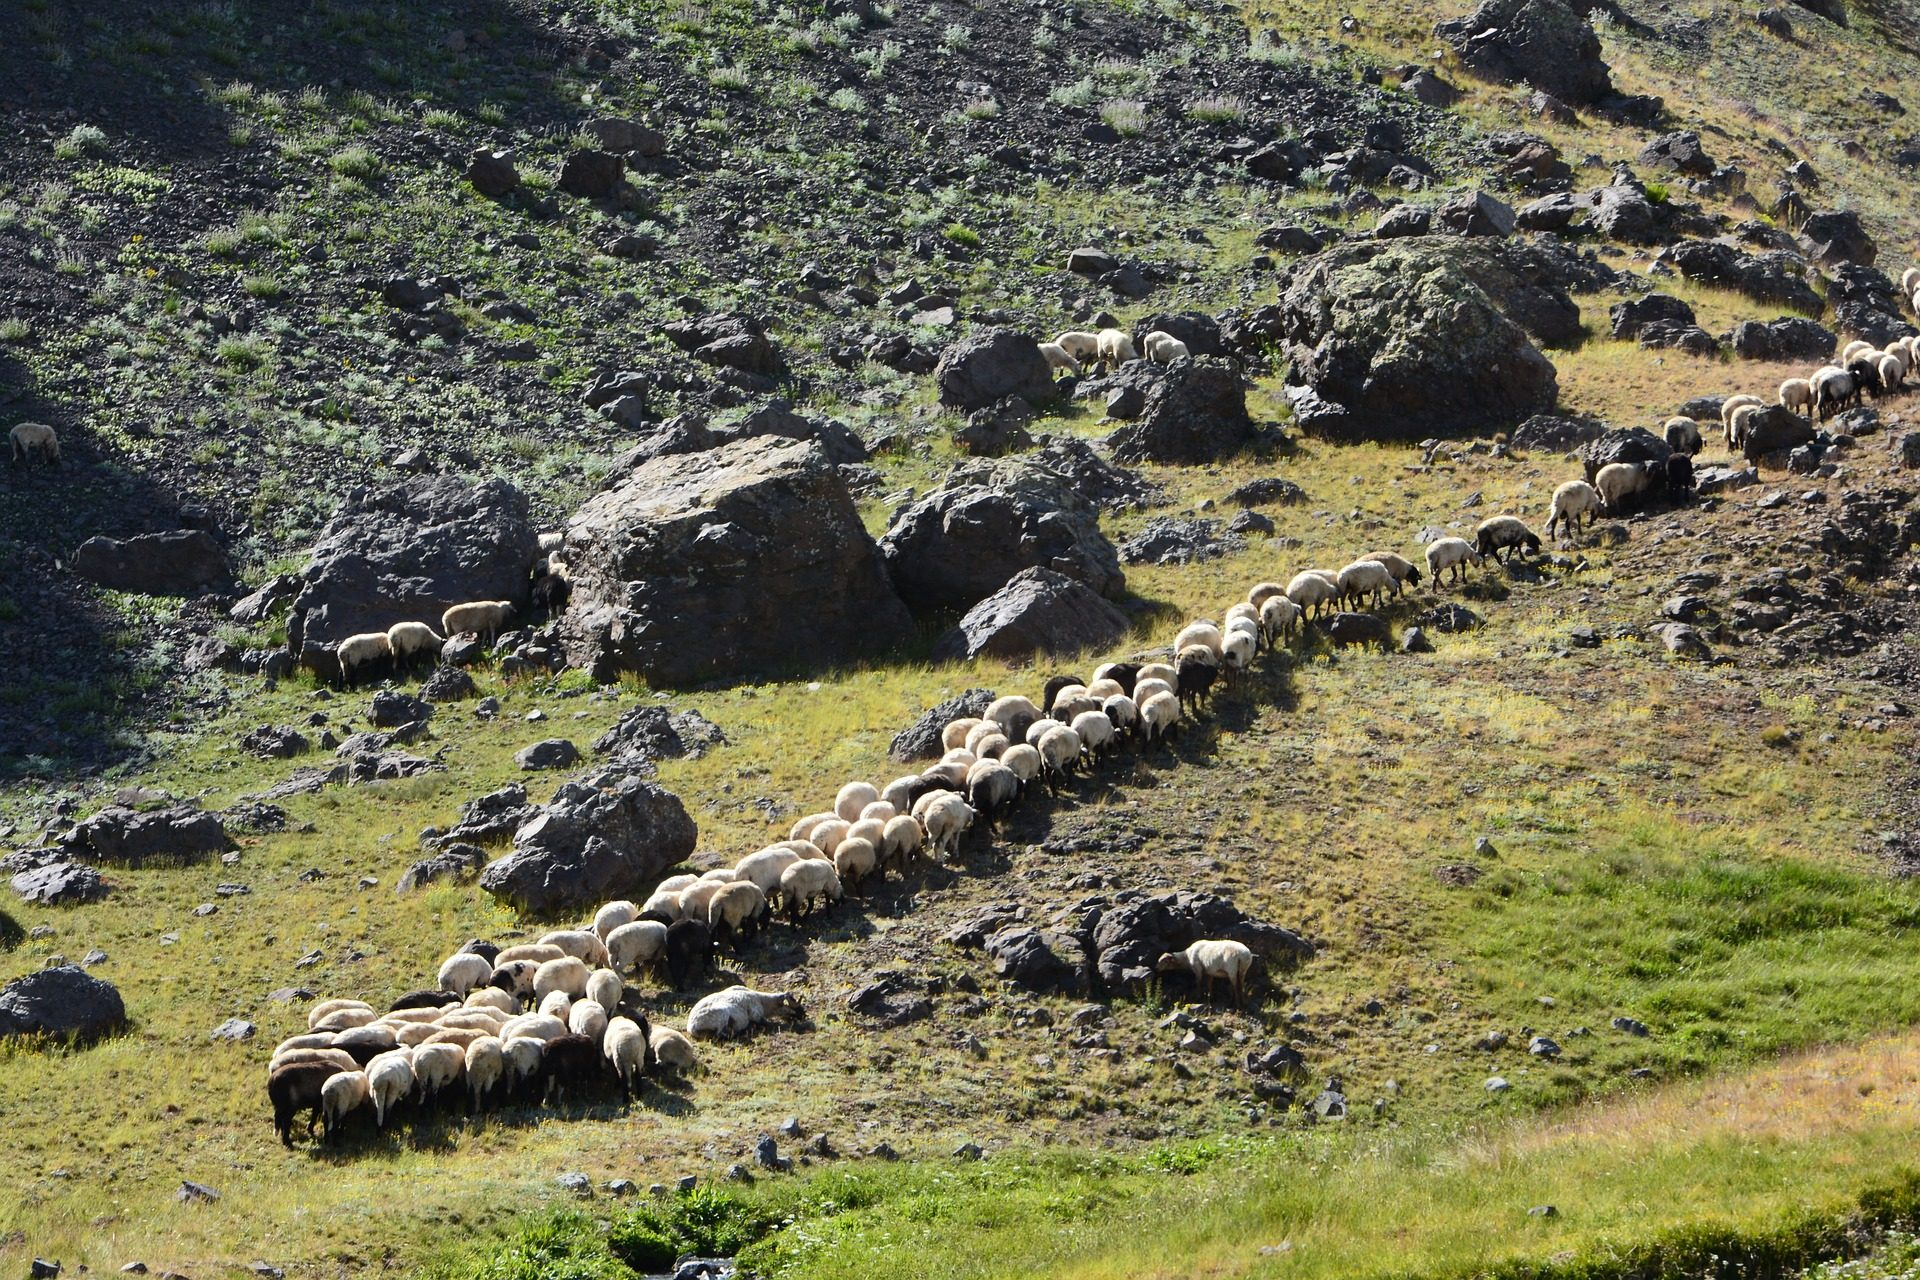 Rebanho, ovelhas, gado, pastoreio, campo - Papéis de parede HD - Professor-falken.com